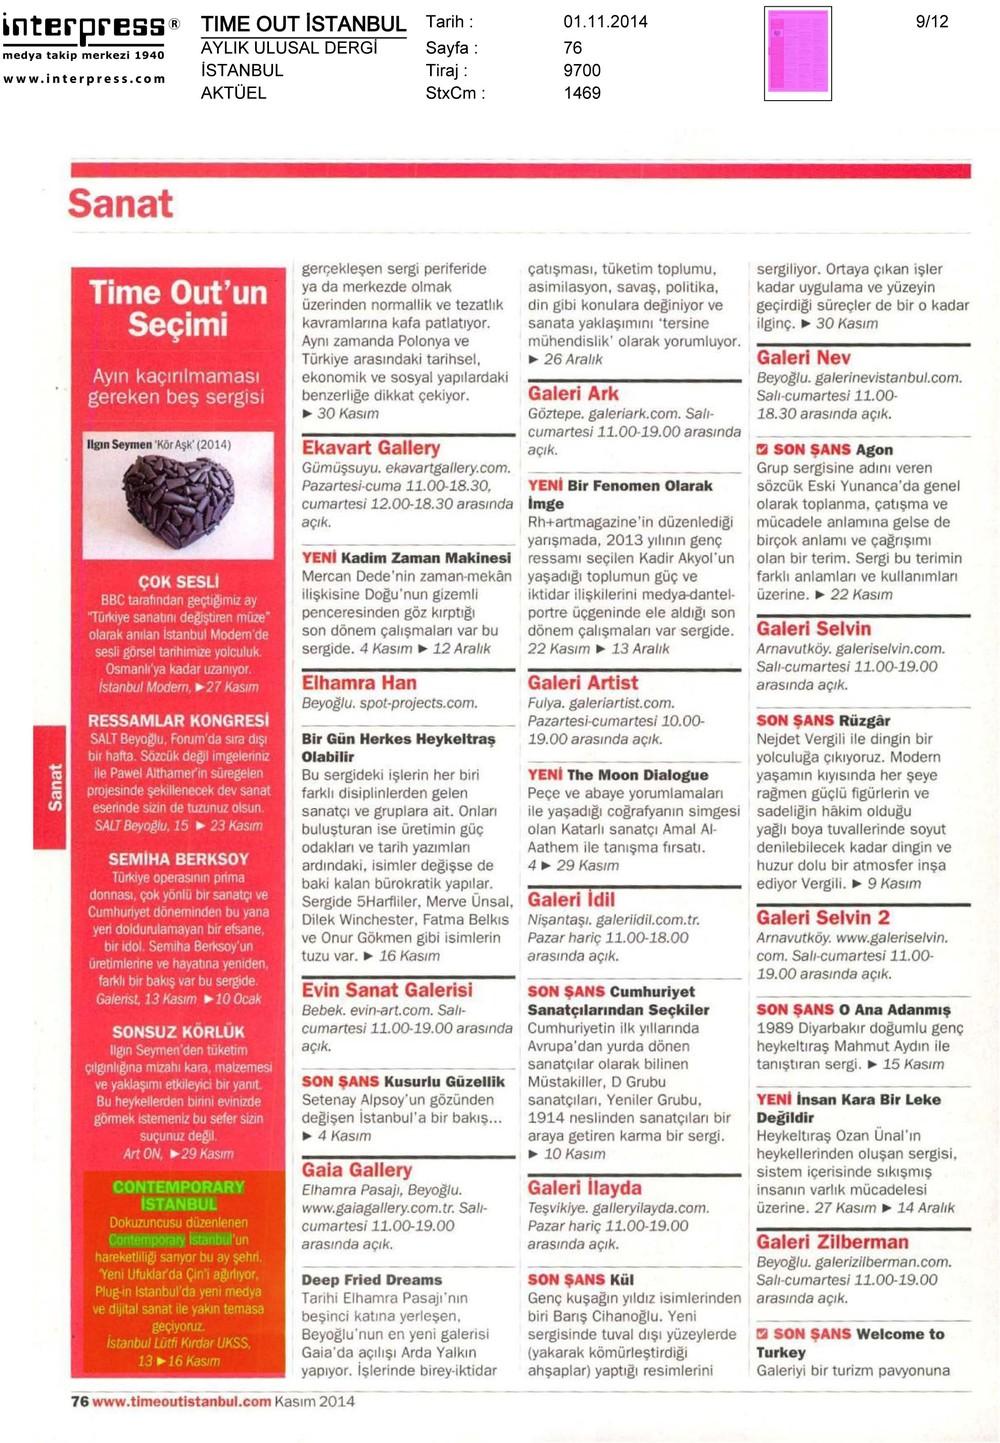 Time Out Istanbul - Aylık Ulusal Dergi -2- 03-11.2.jpg